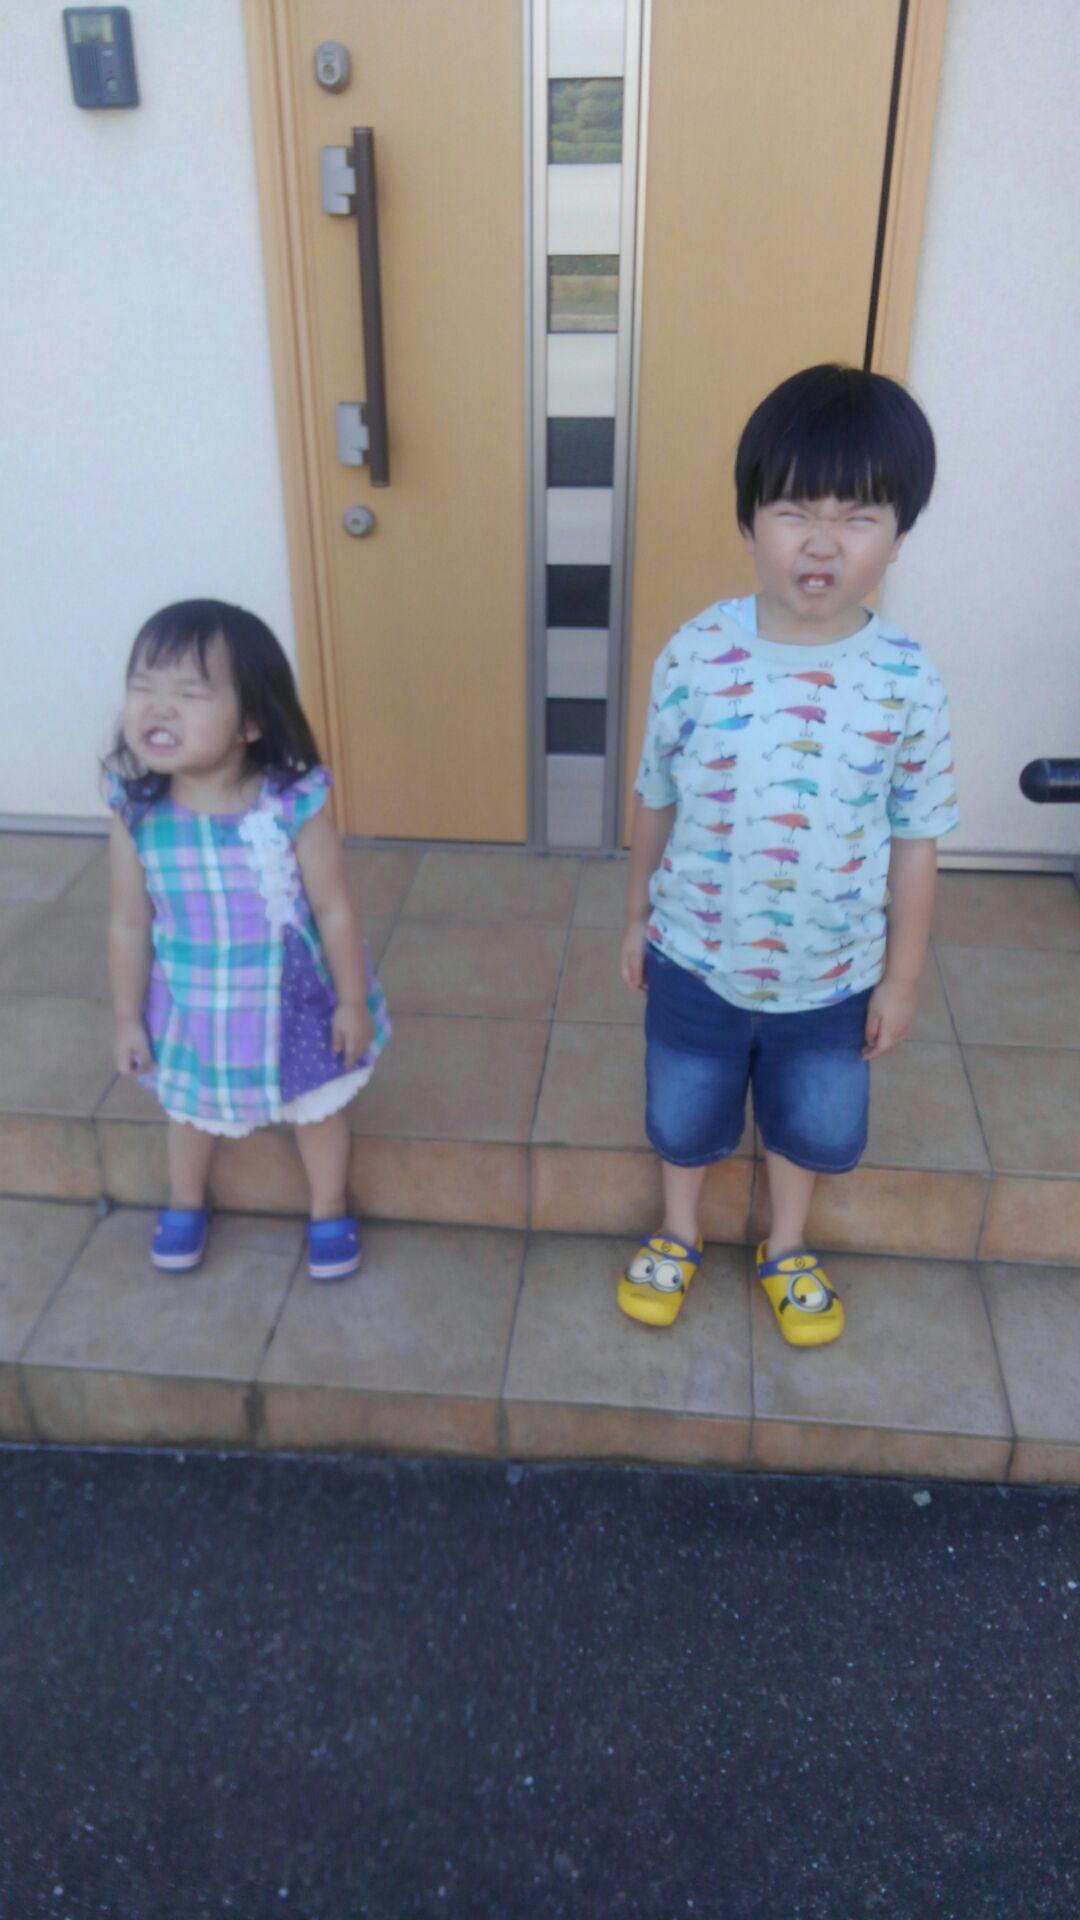 子供の笑顔(^^)d_e0184224_08174339.jpg